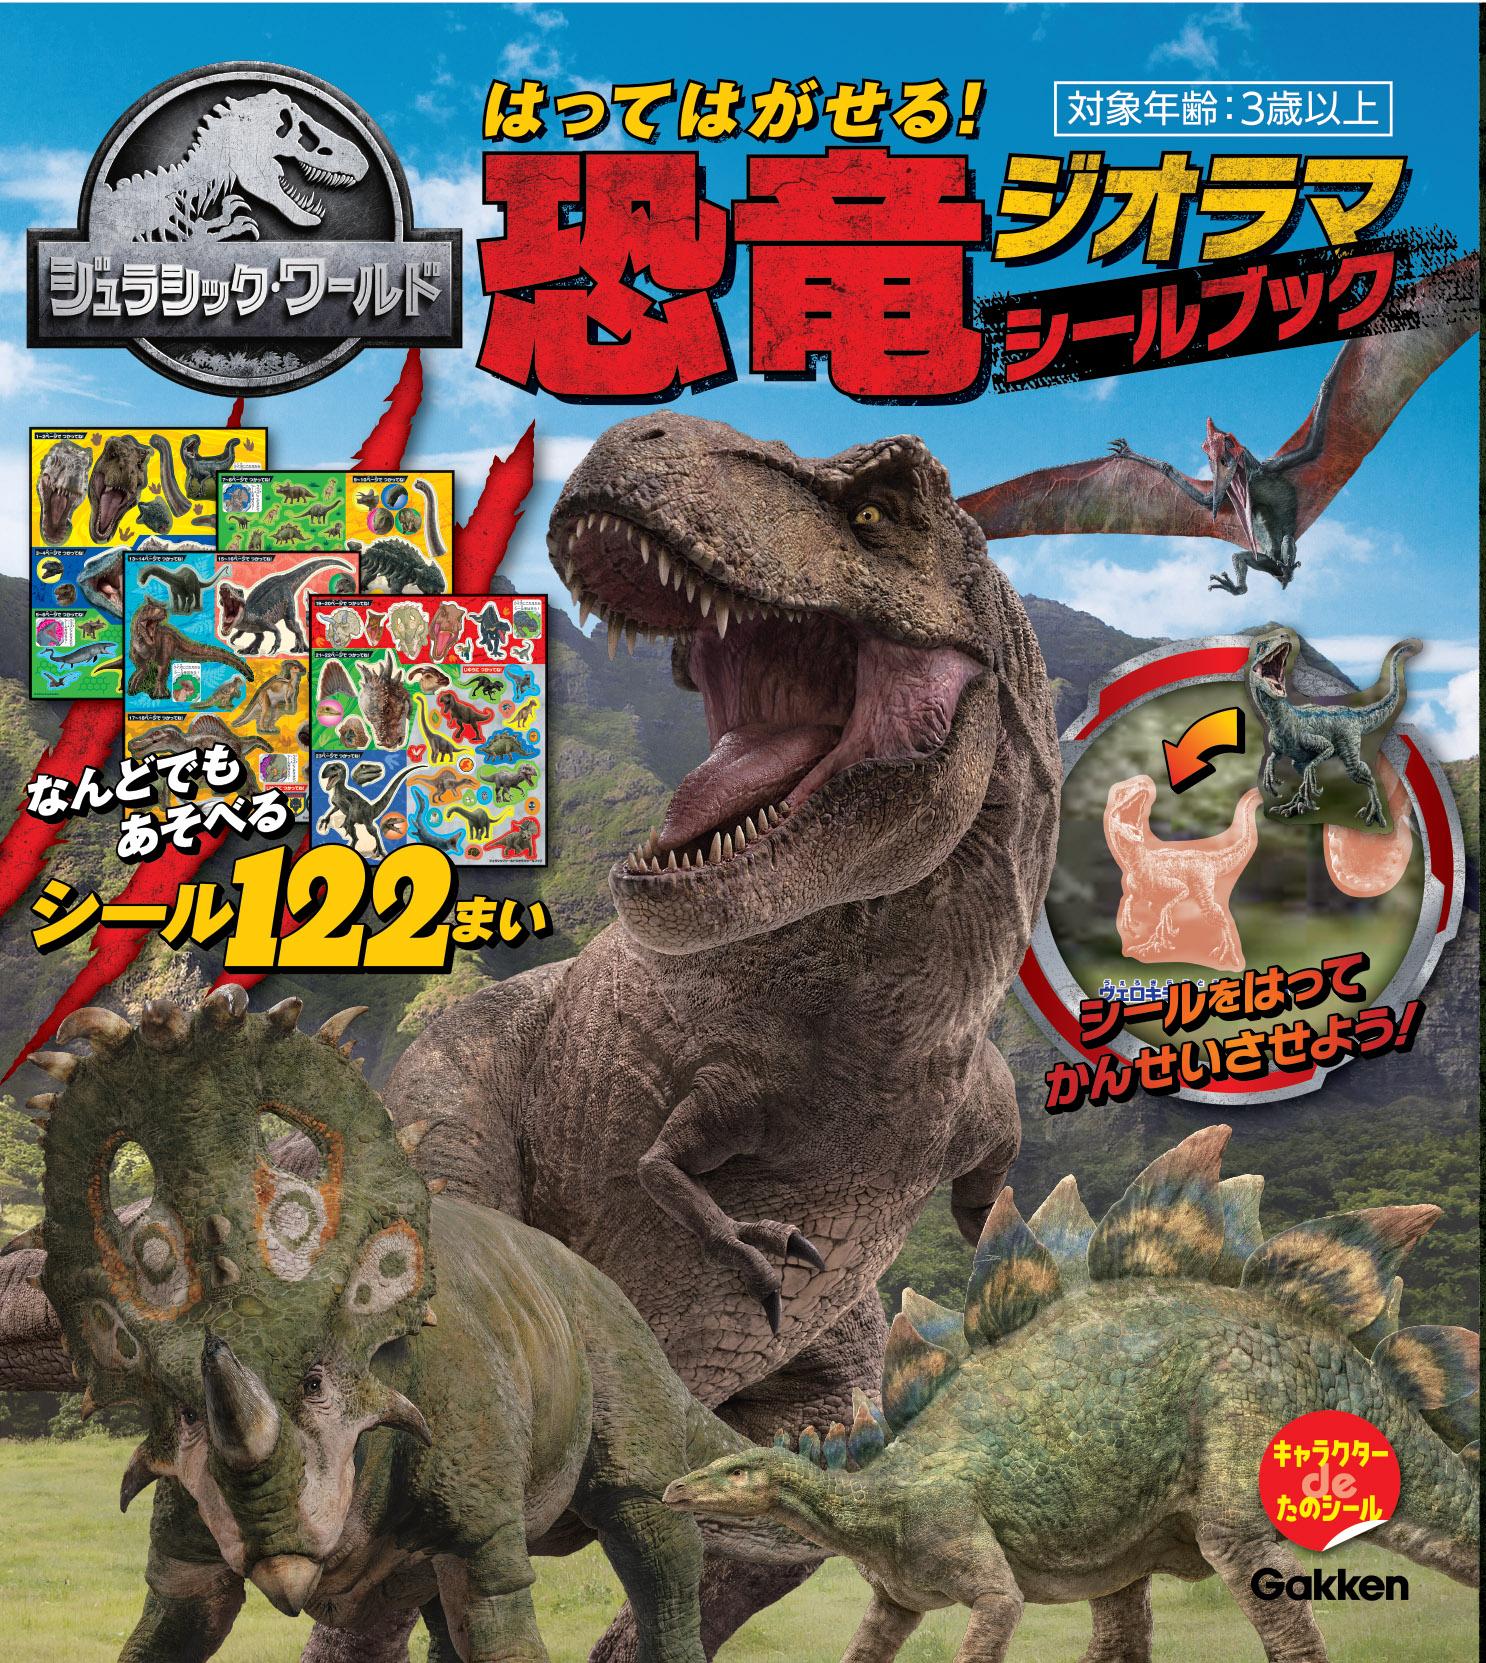 『ジュラシック・ワールド はってはがせる!恐竜ジオラマシールブック』書影